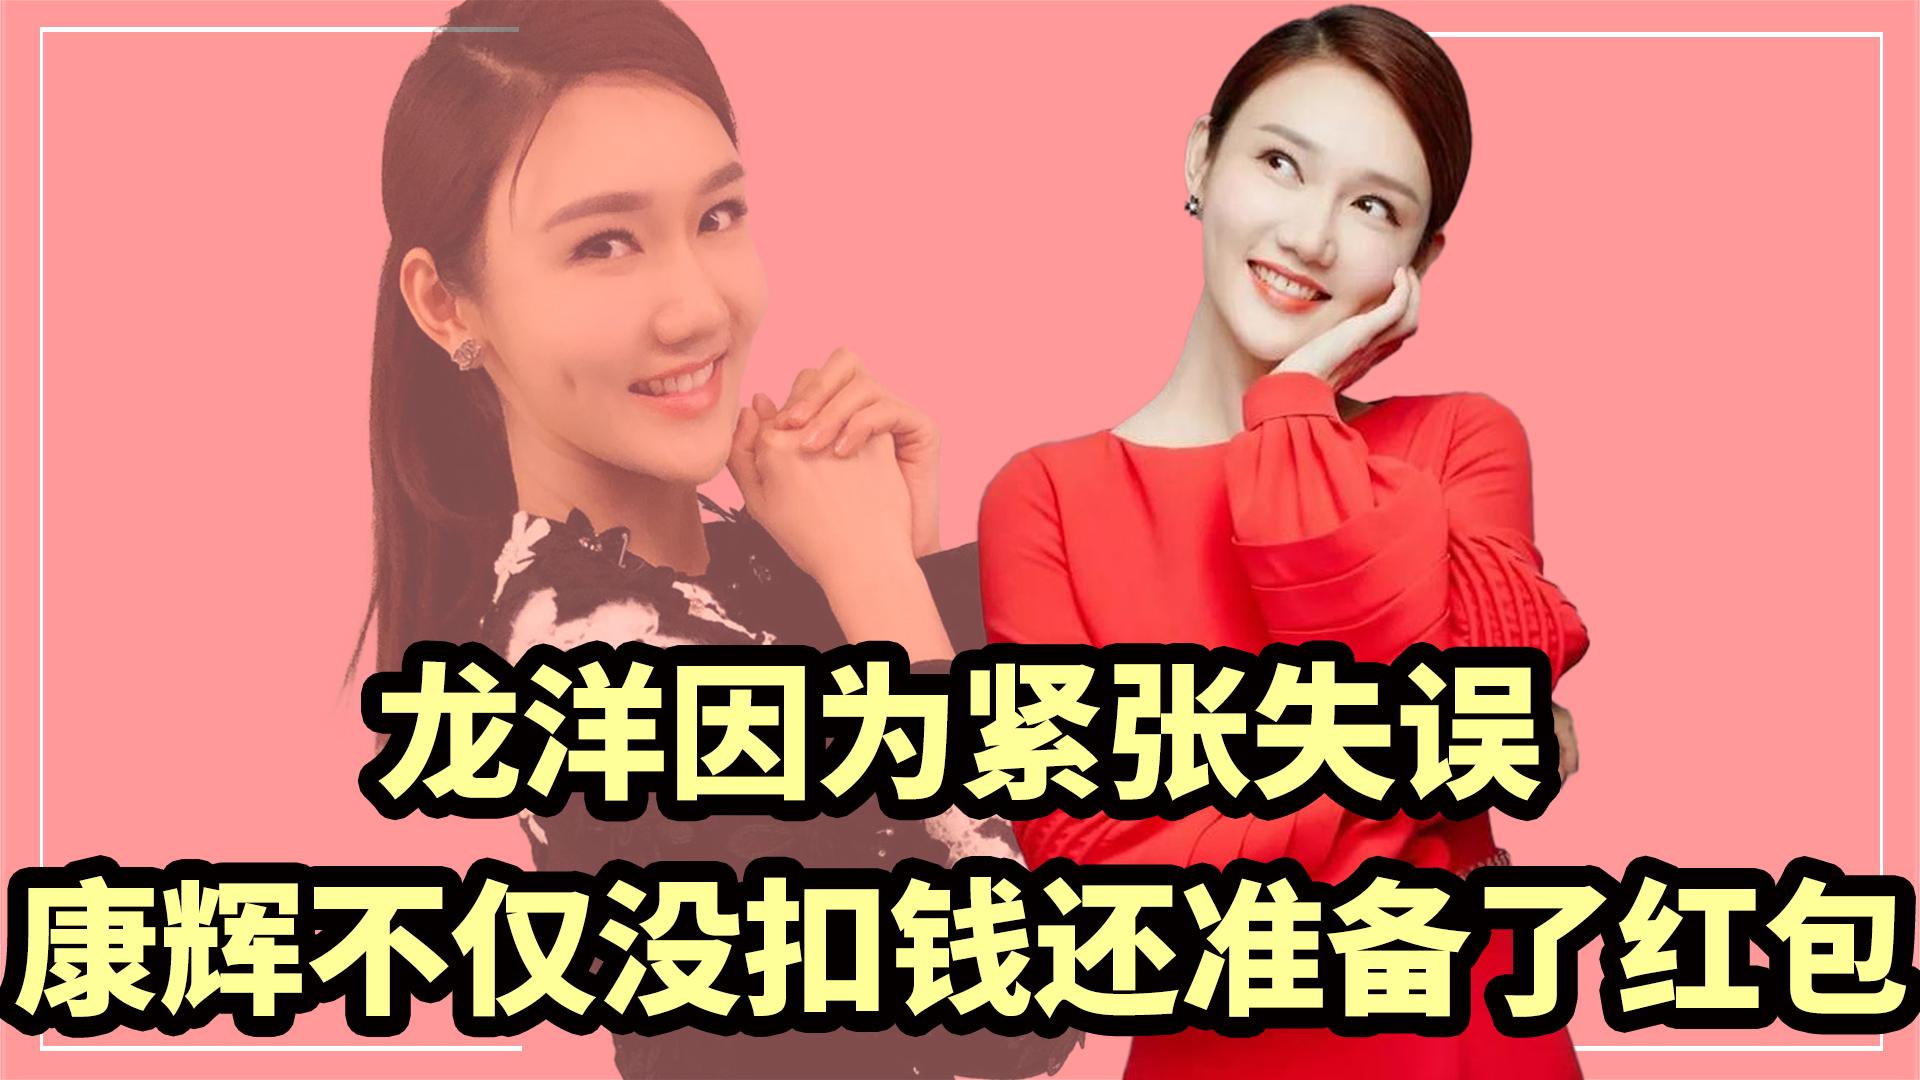 董卿打电话鼓励她,康辉给她发红包,龙洋难道不是央视主持界团宠